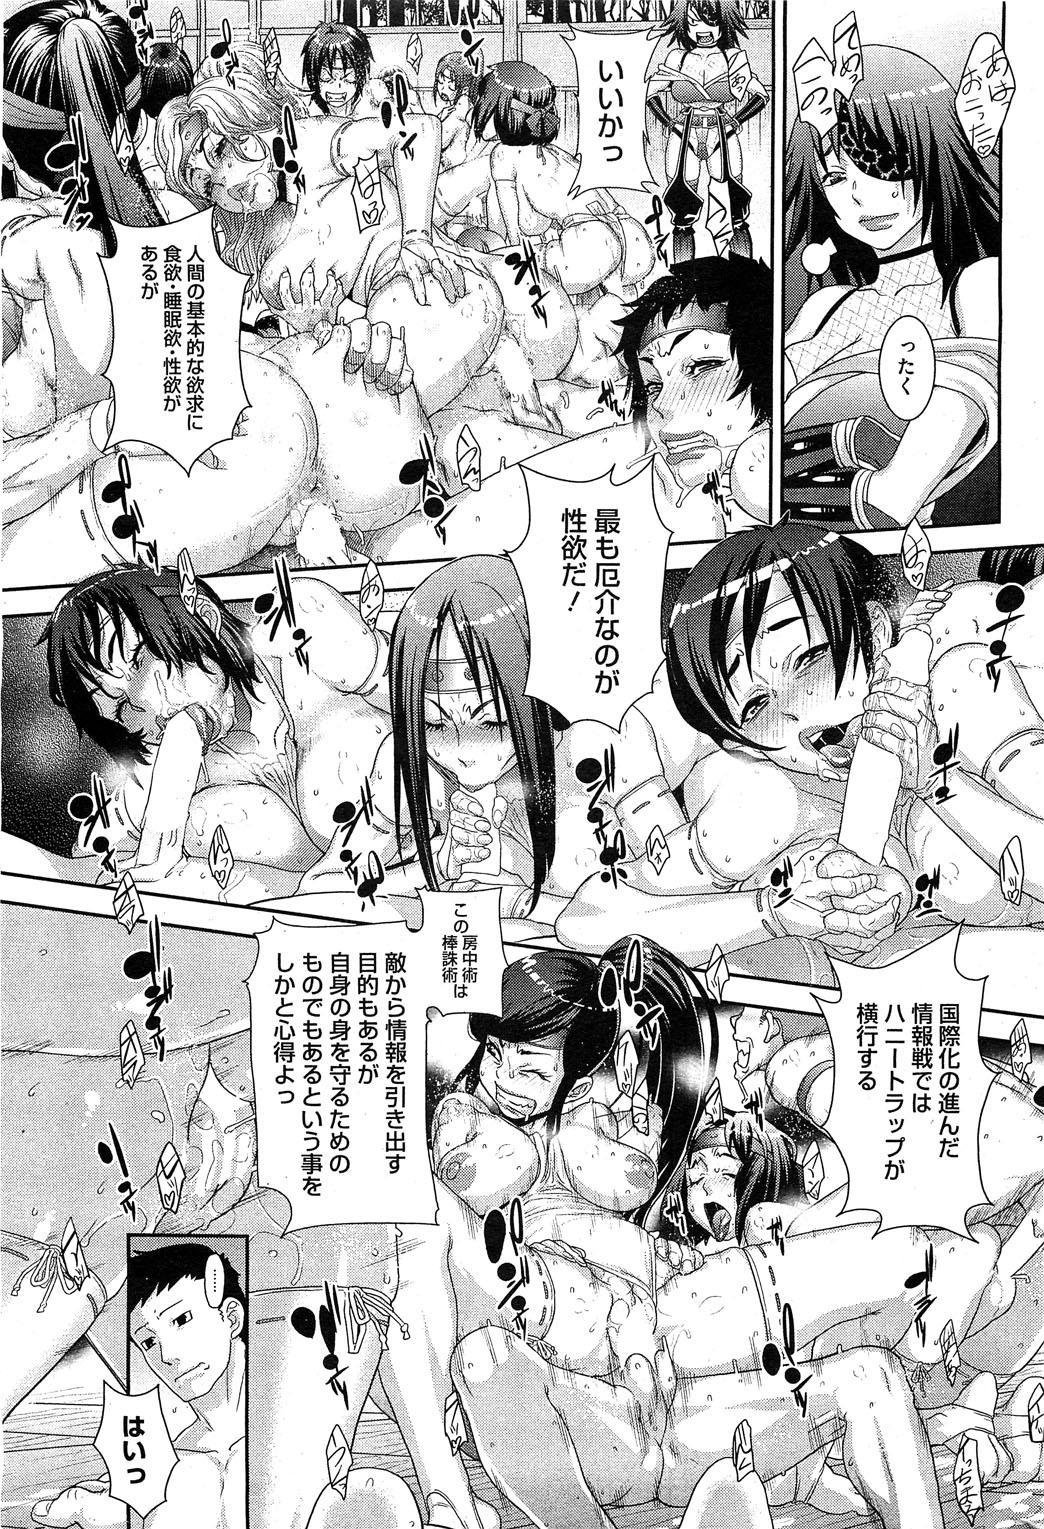 Shinobi no Bi Ch. 1-4 4